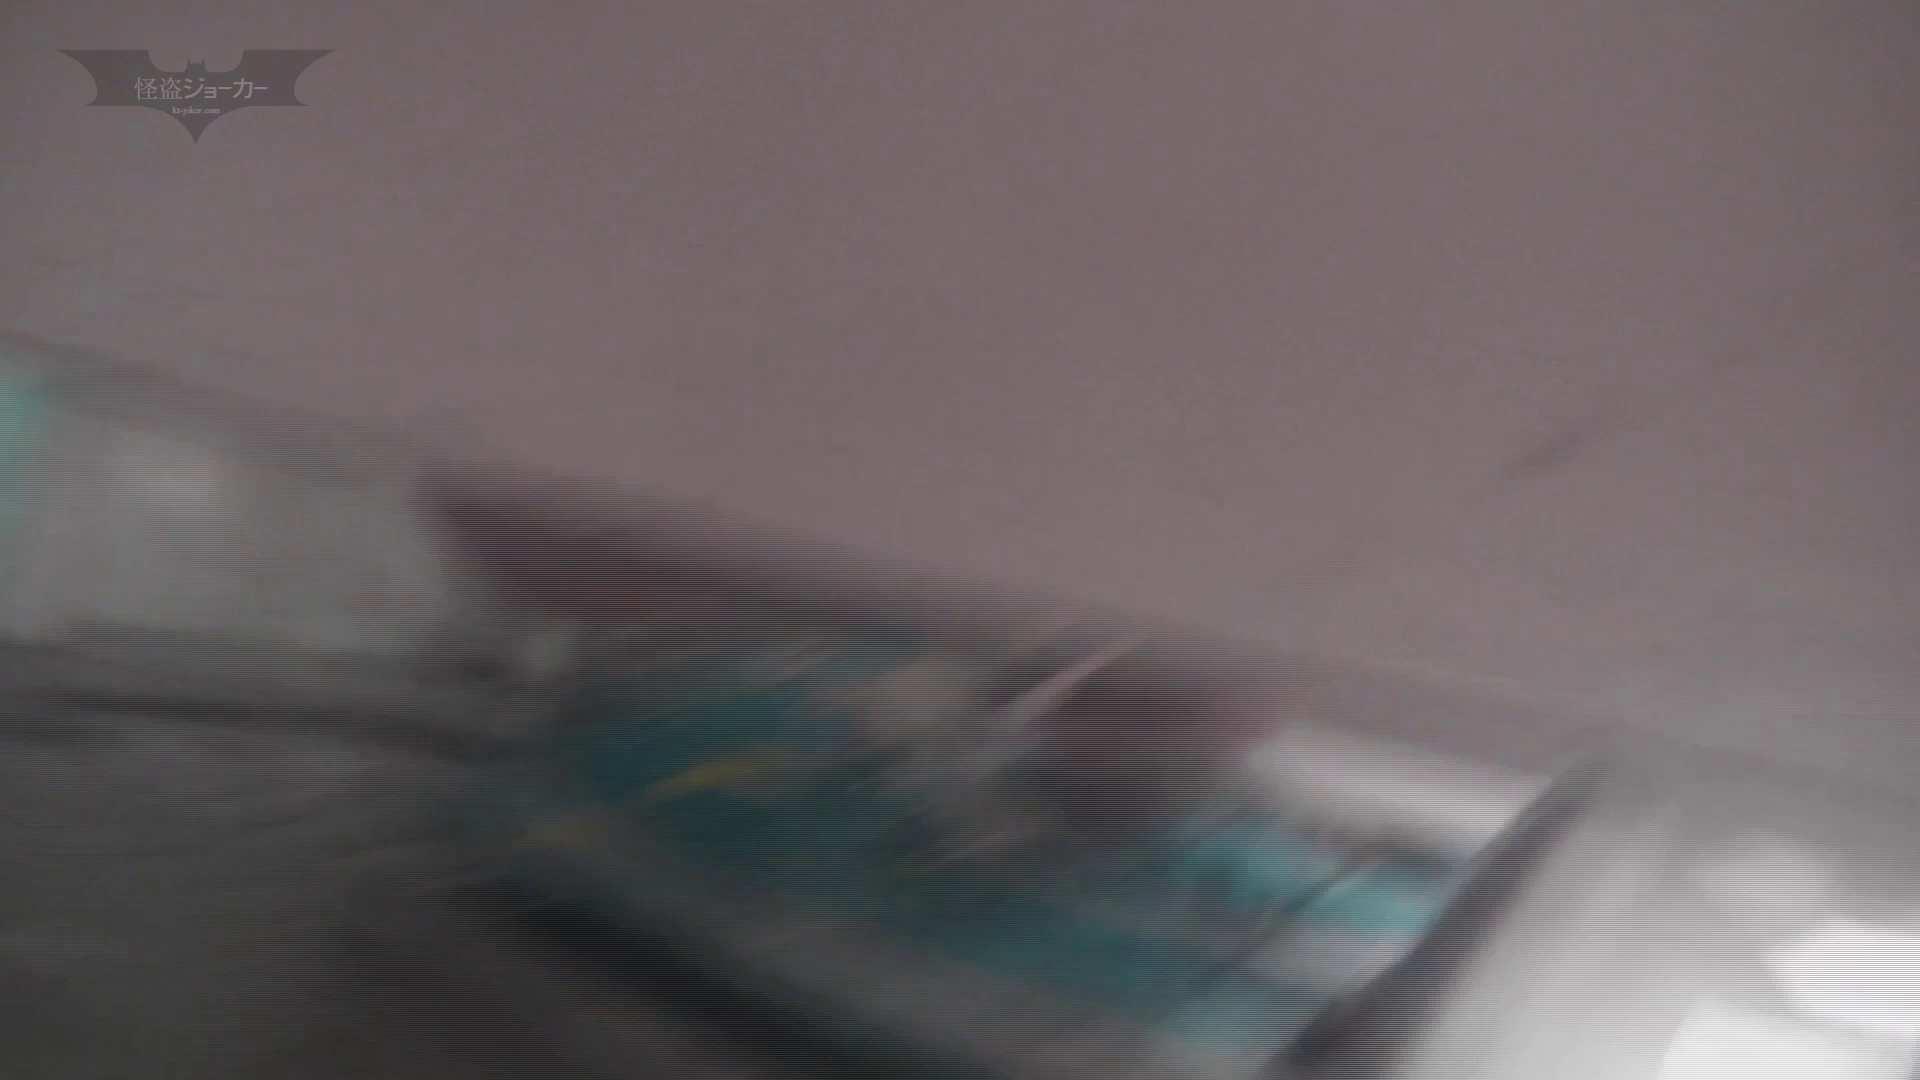 潜入!!台湾名門女学院 Vol.10 進化 美女ハメ撮り  110Pix 16